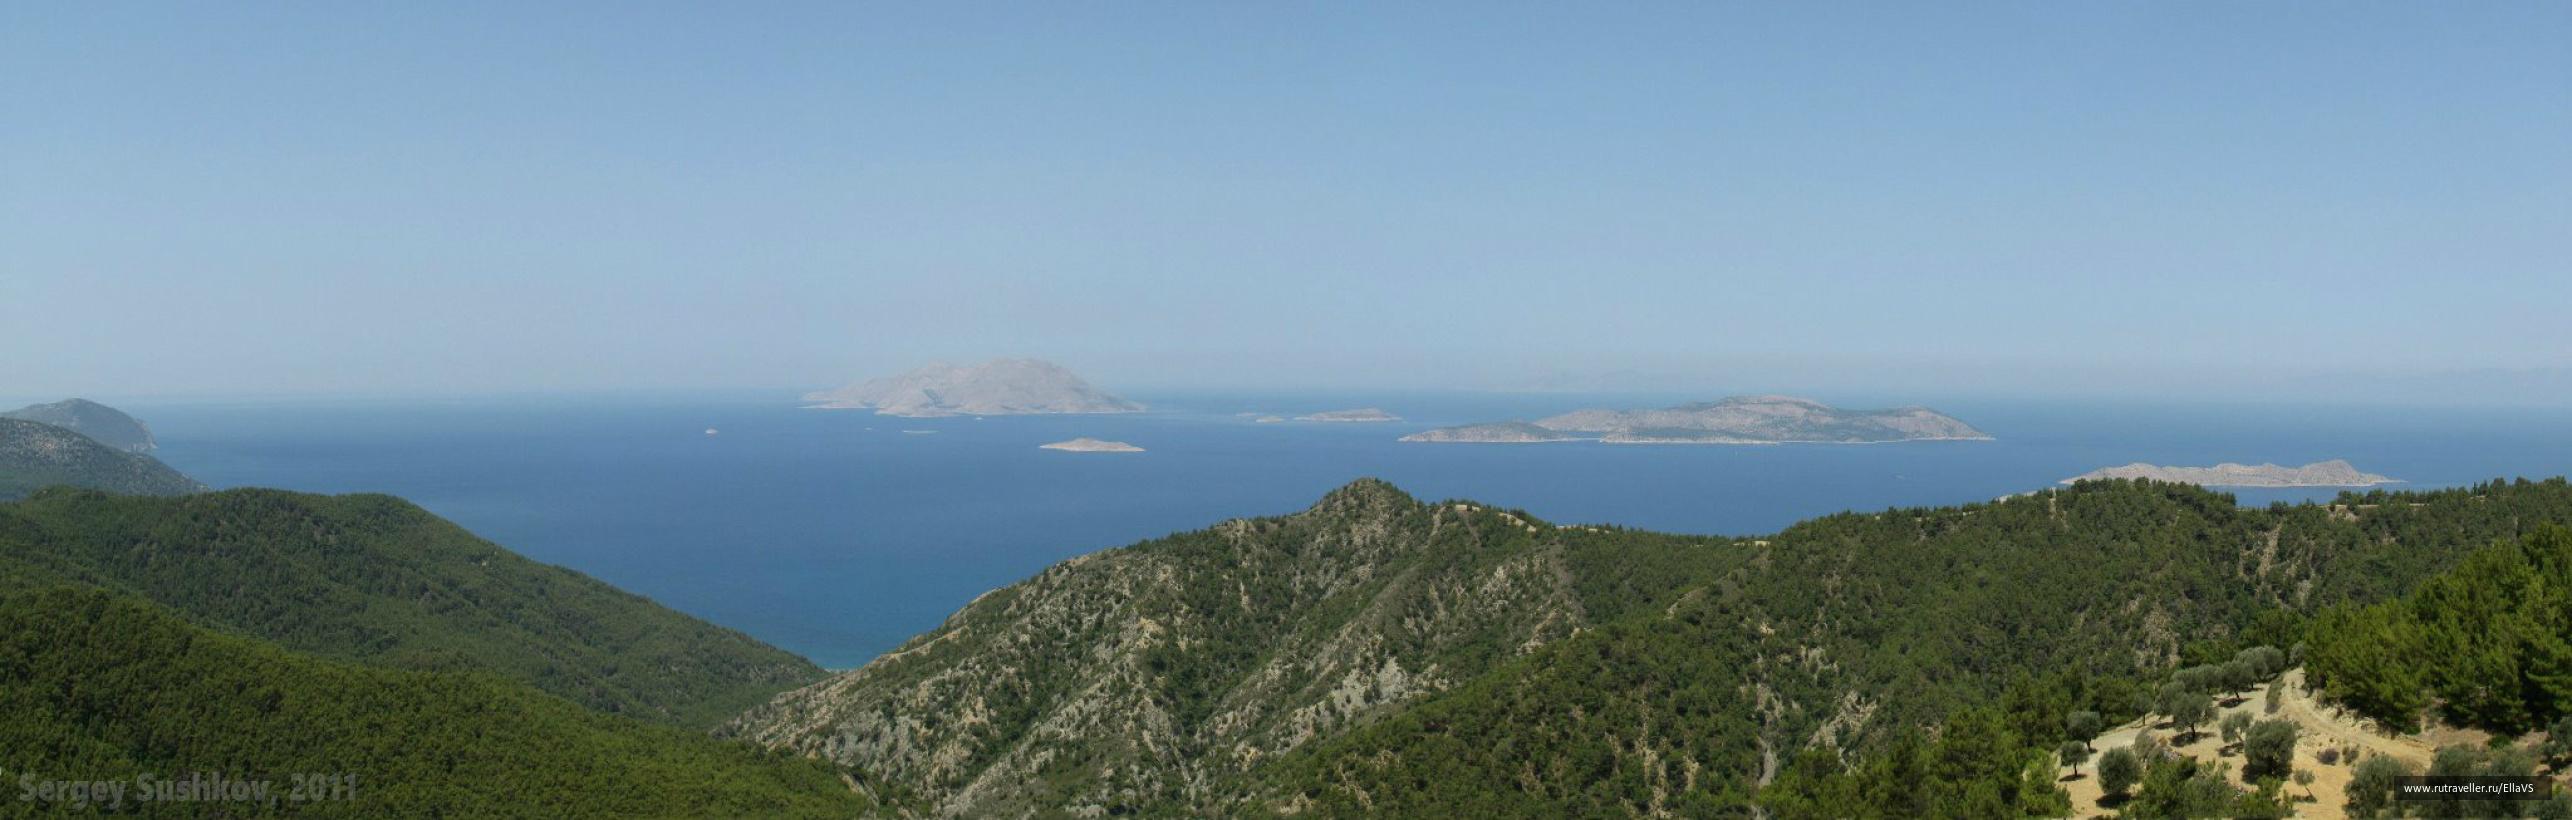 Вид с обзорной точки острова - Kantina Panorama